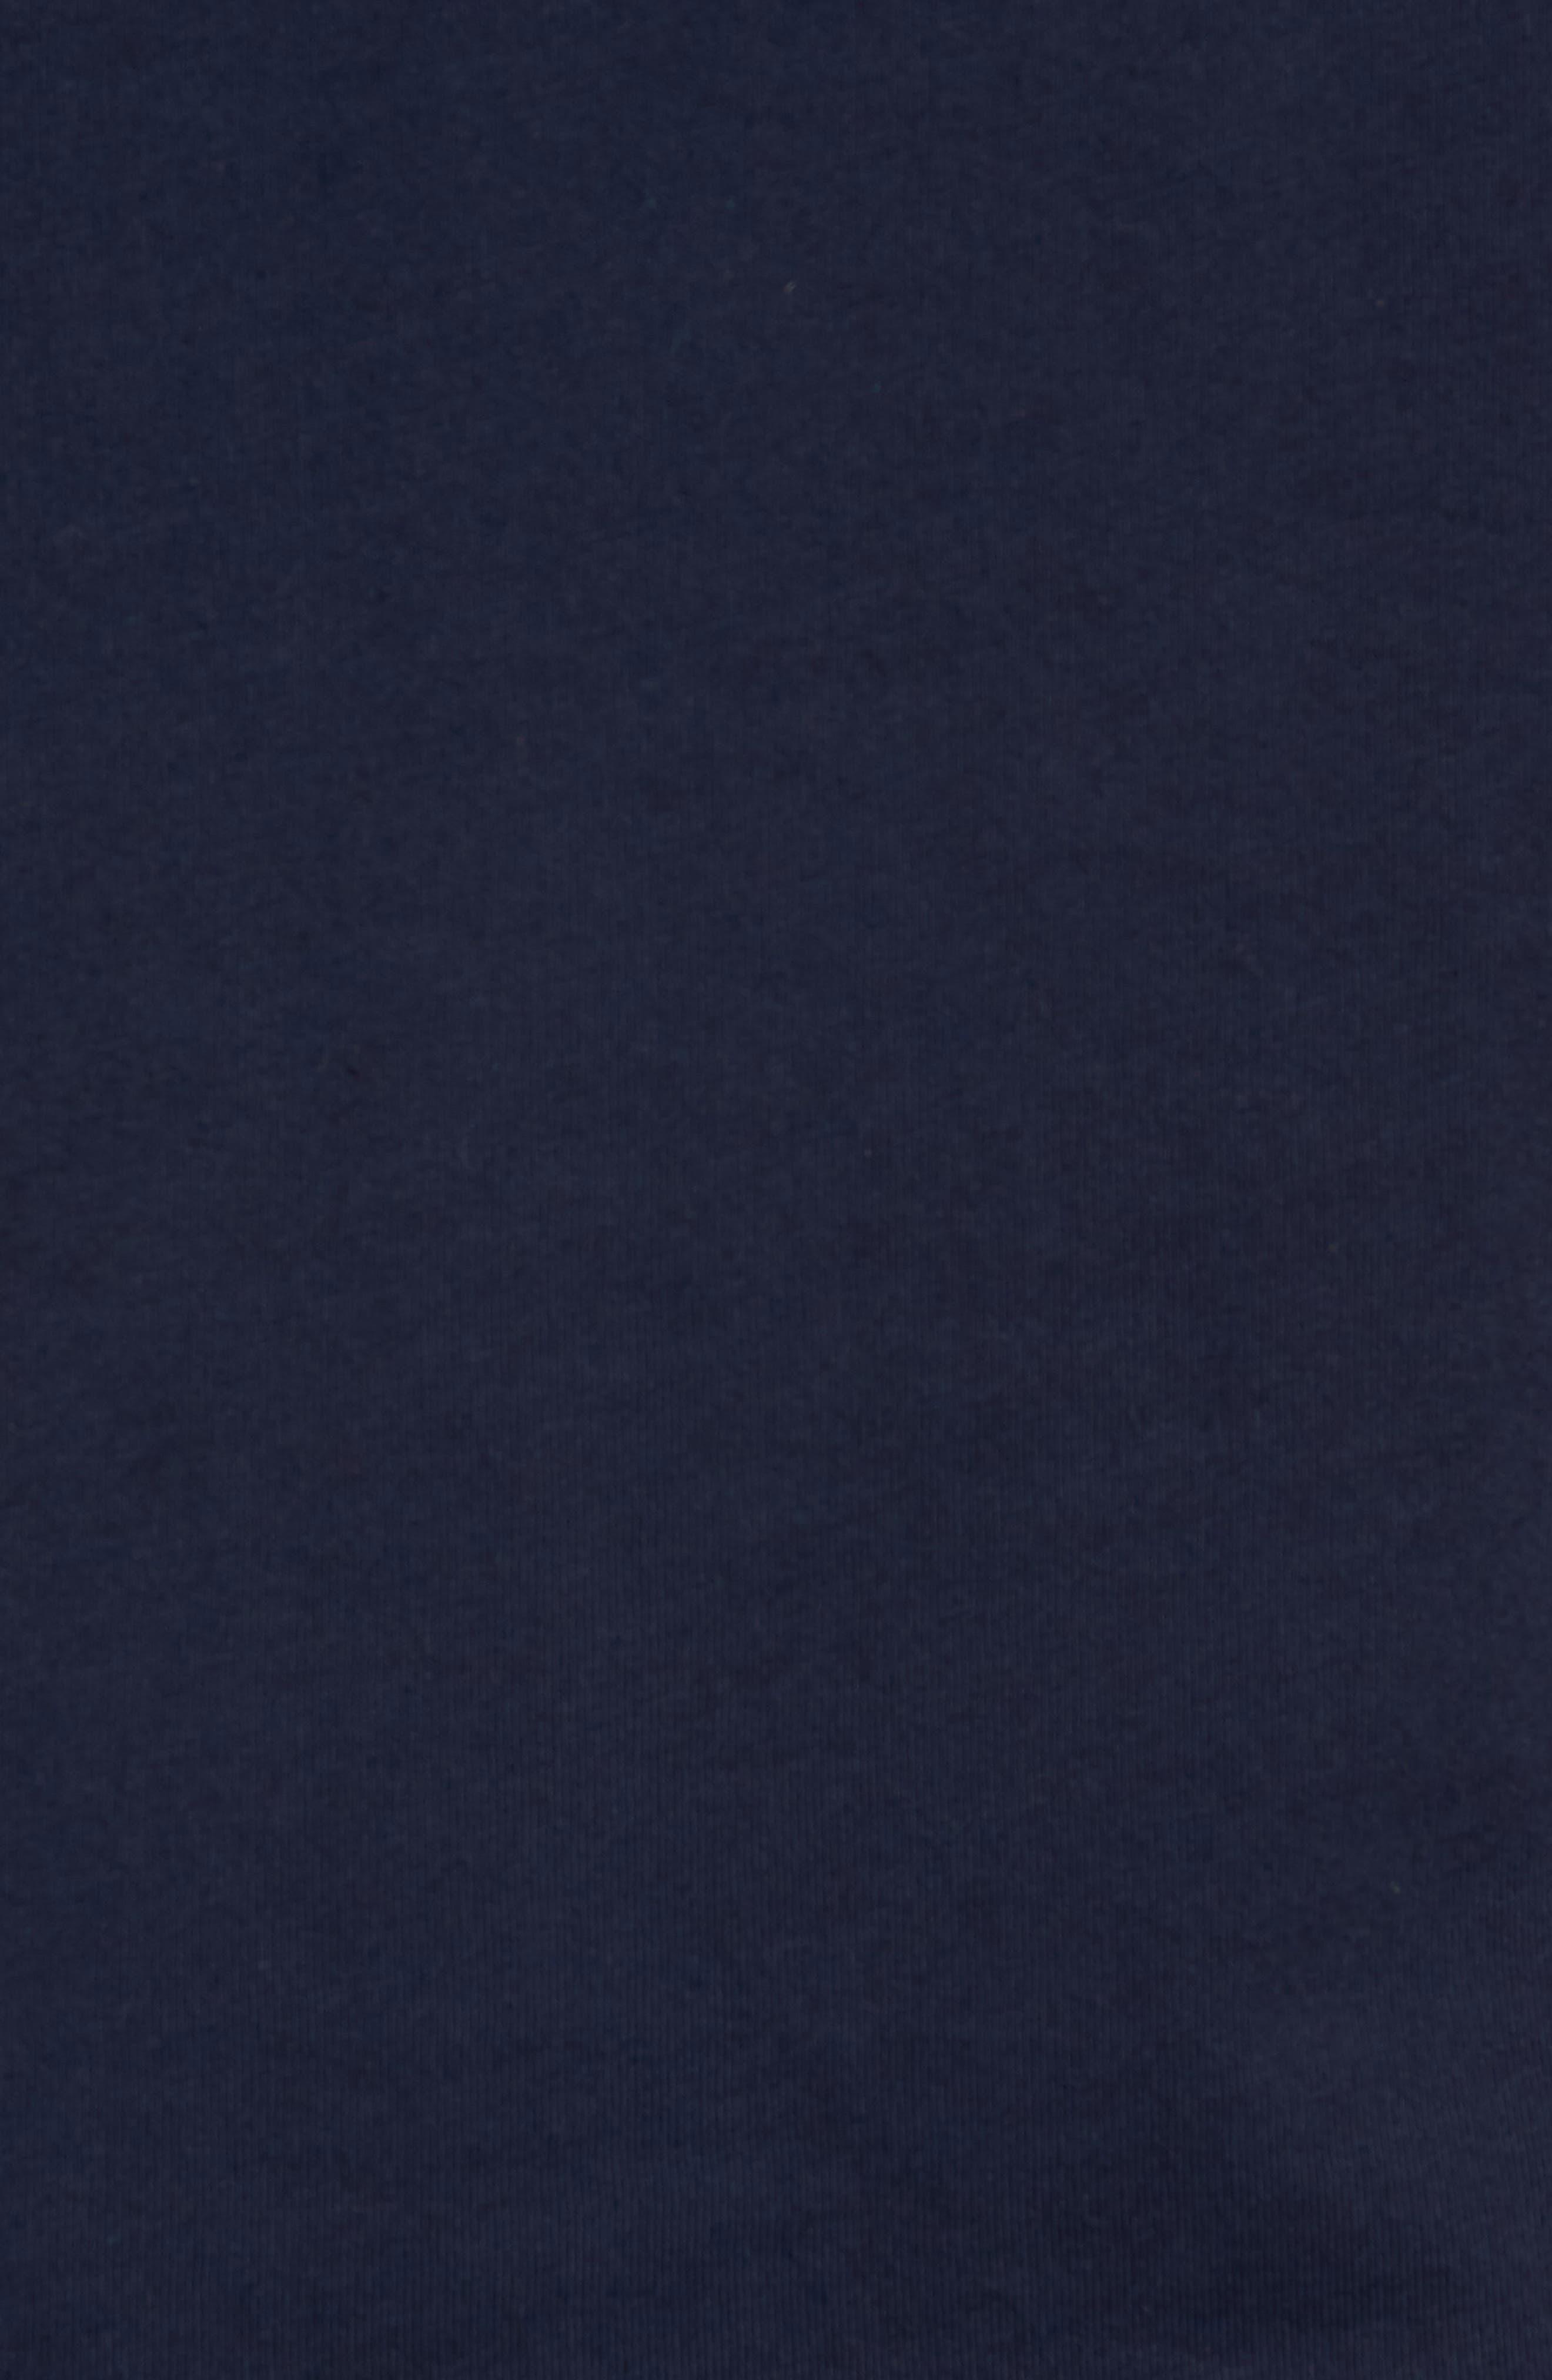 Vintage Croc Crewneck T-Shirt,                             Alternate thumbnail 5, color,                             Navy Blue